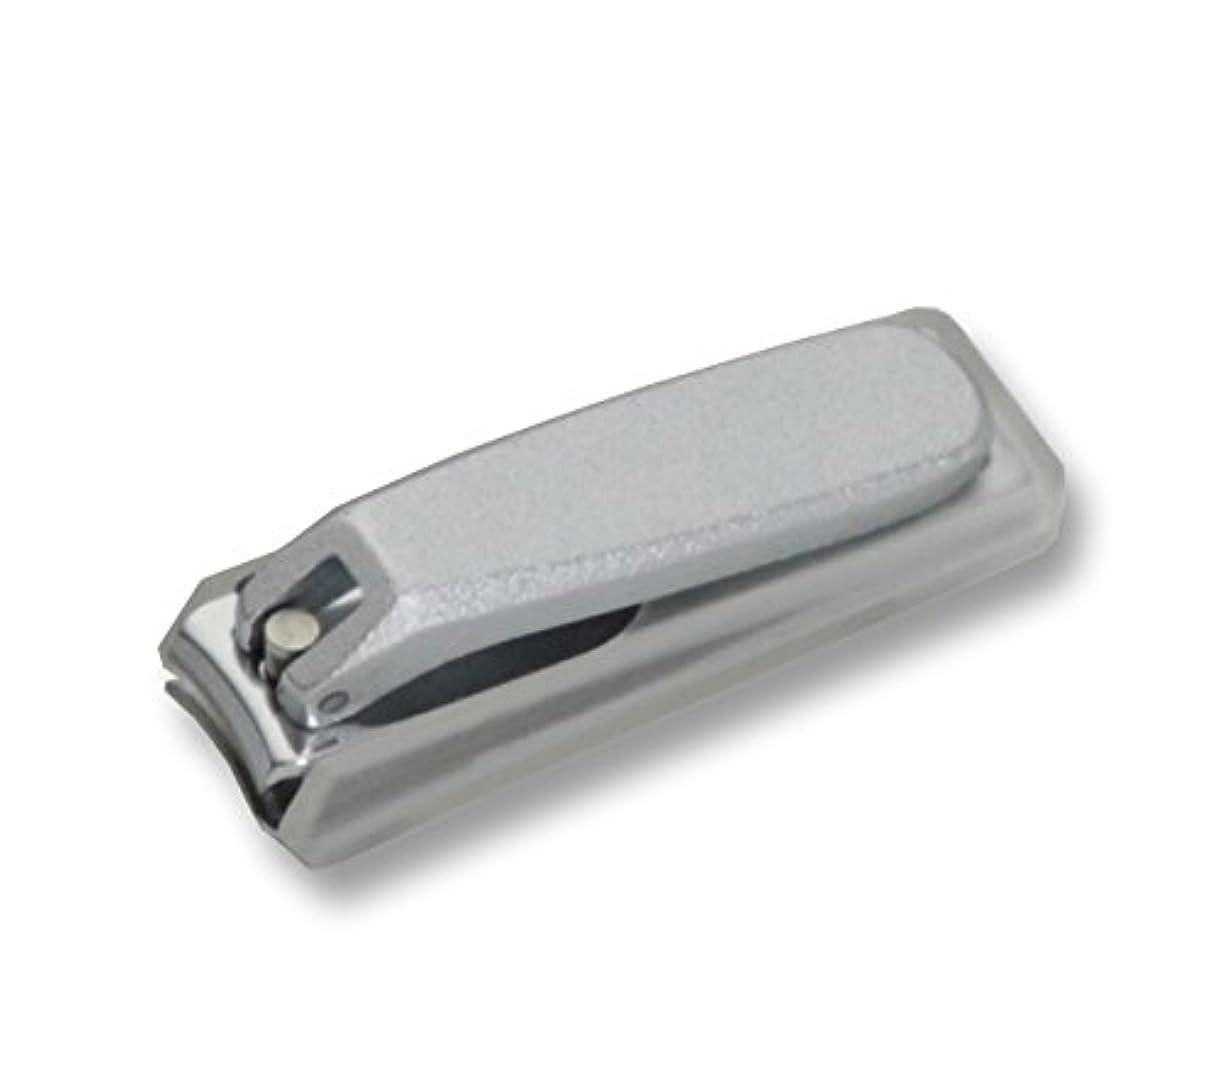 船形引退した稚魚KD-024 関の刃物 クローム爪切 小 カバー付